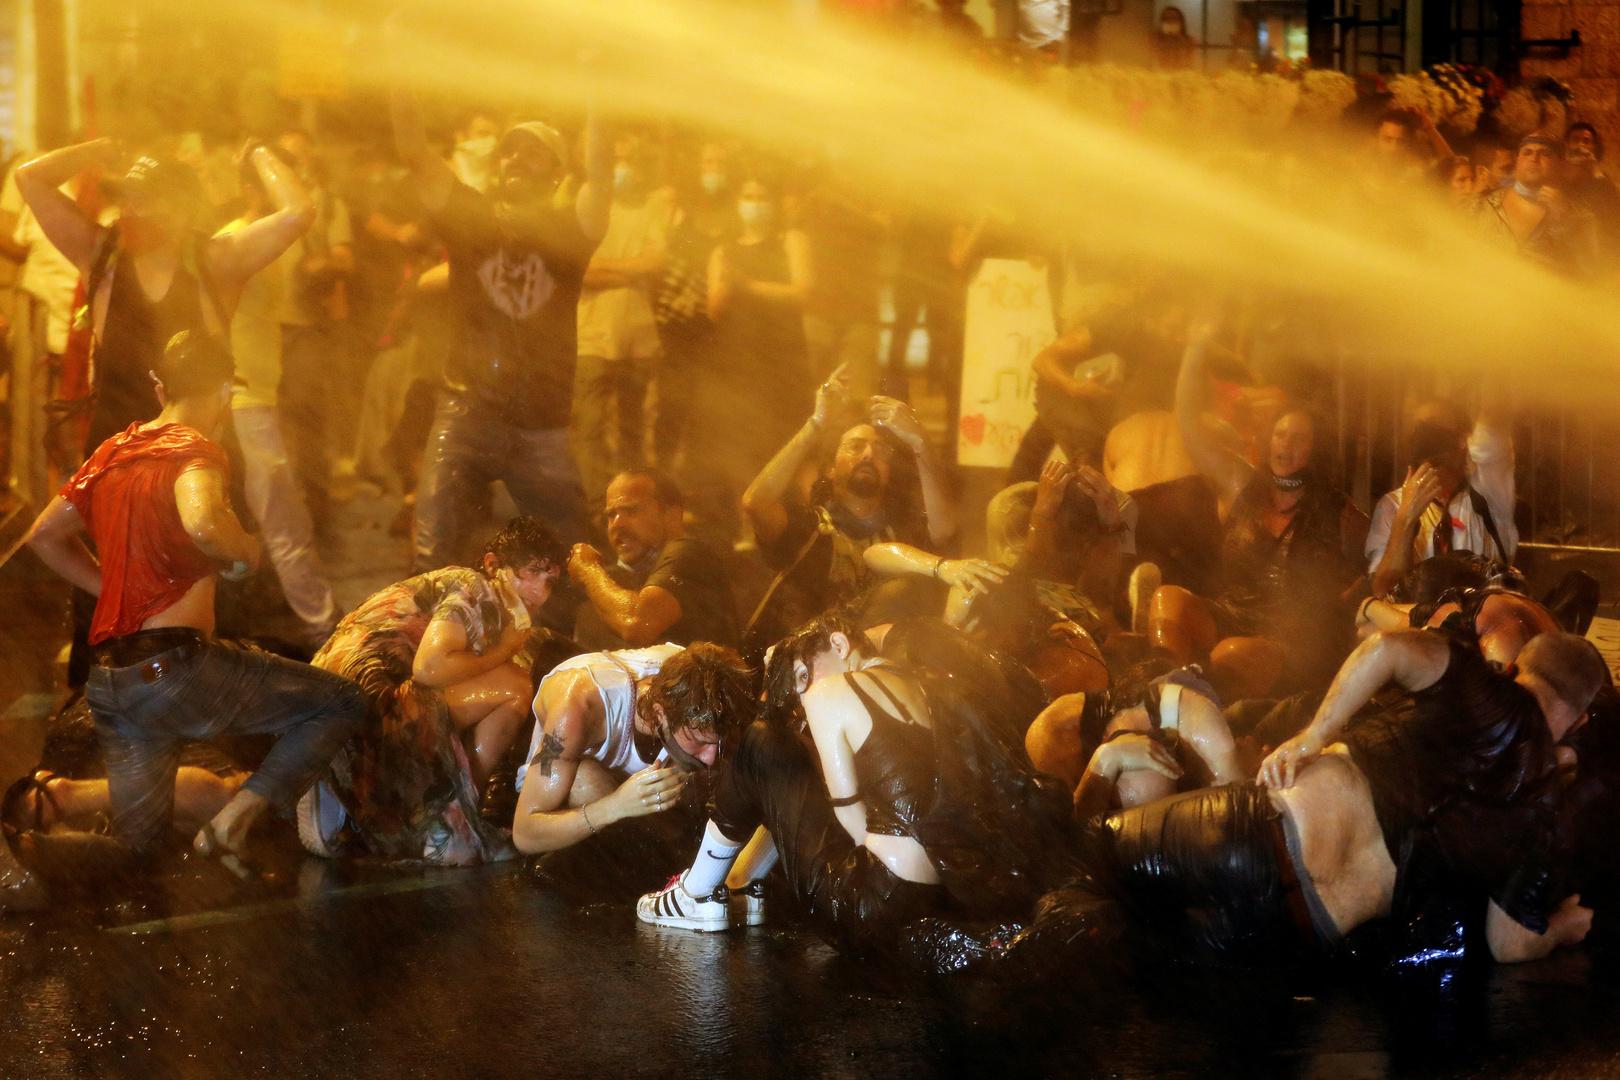 الشرطة الإسرائيلية تعتقل 50 شخصا خلال مظاهرات معارضة لنتنياهو في القدس